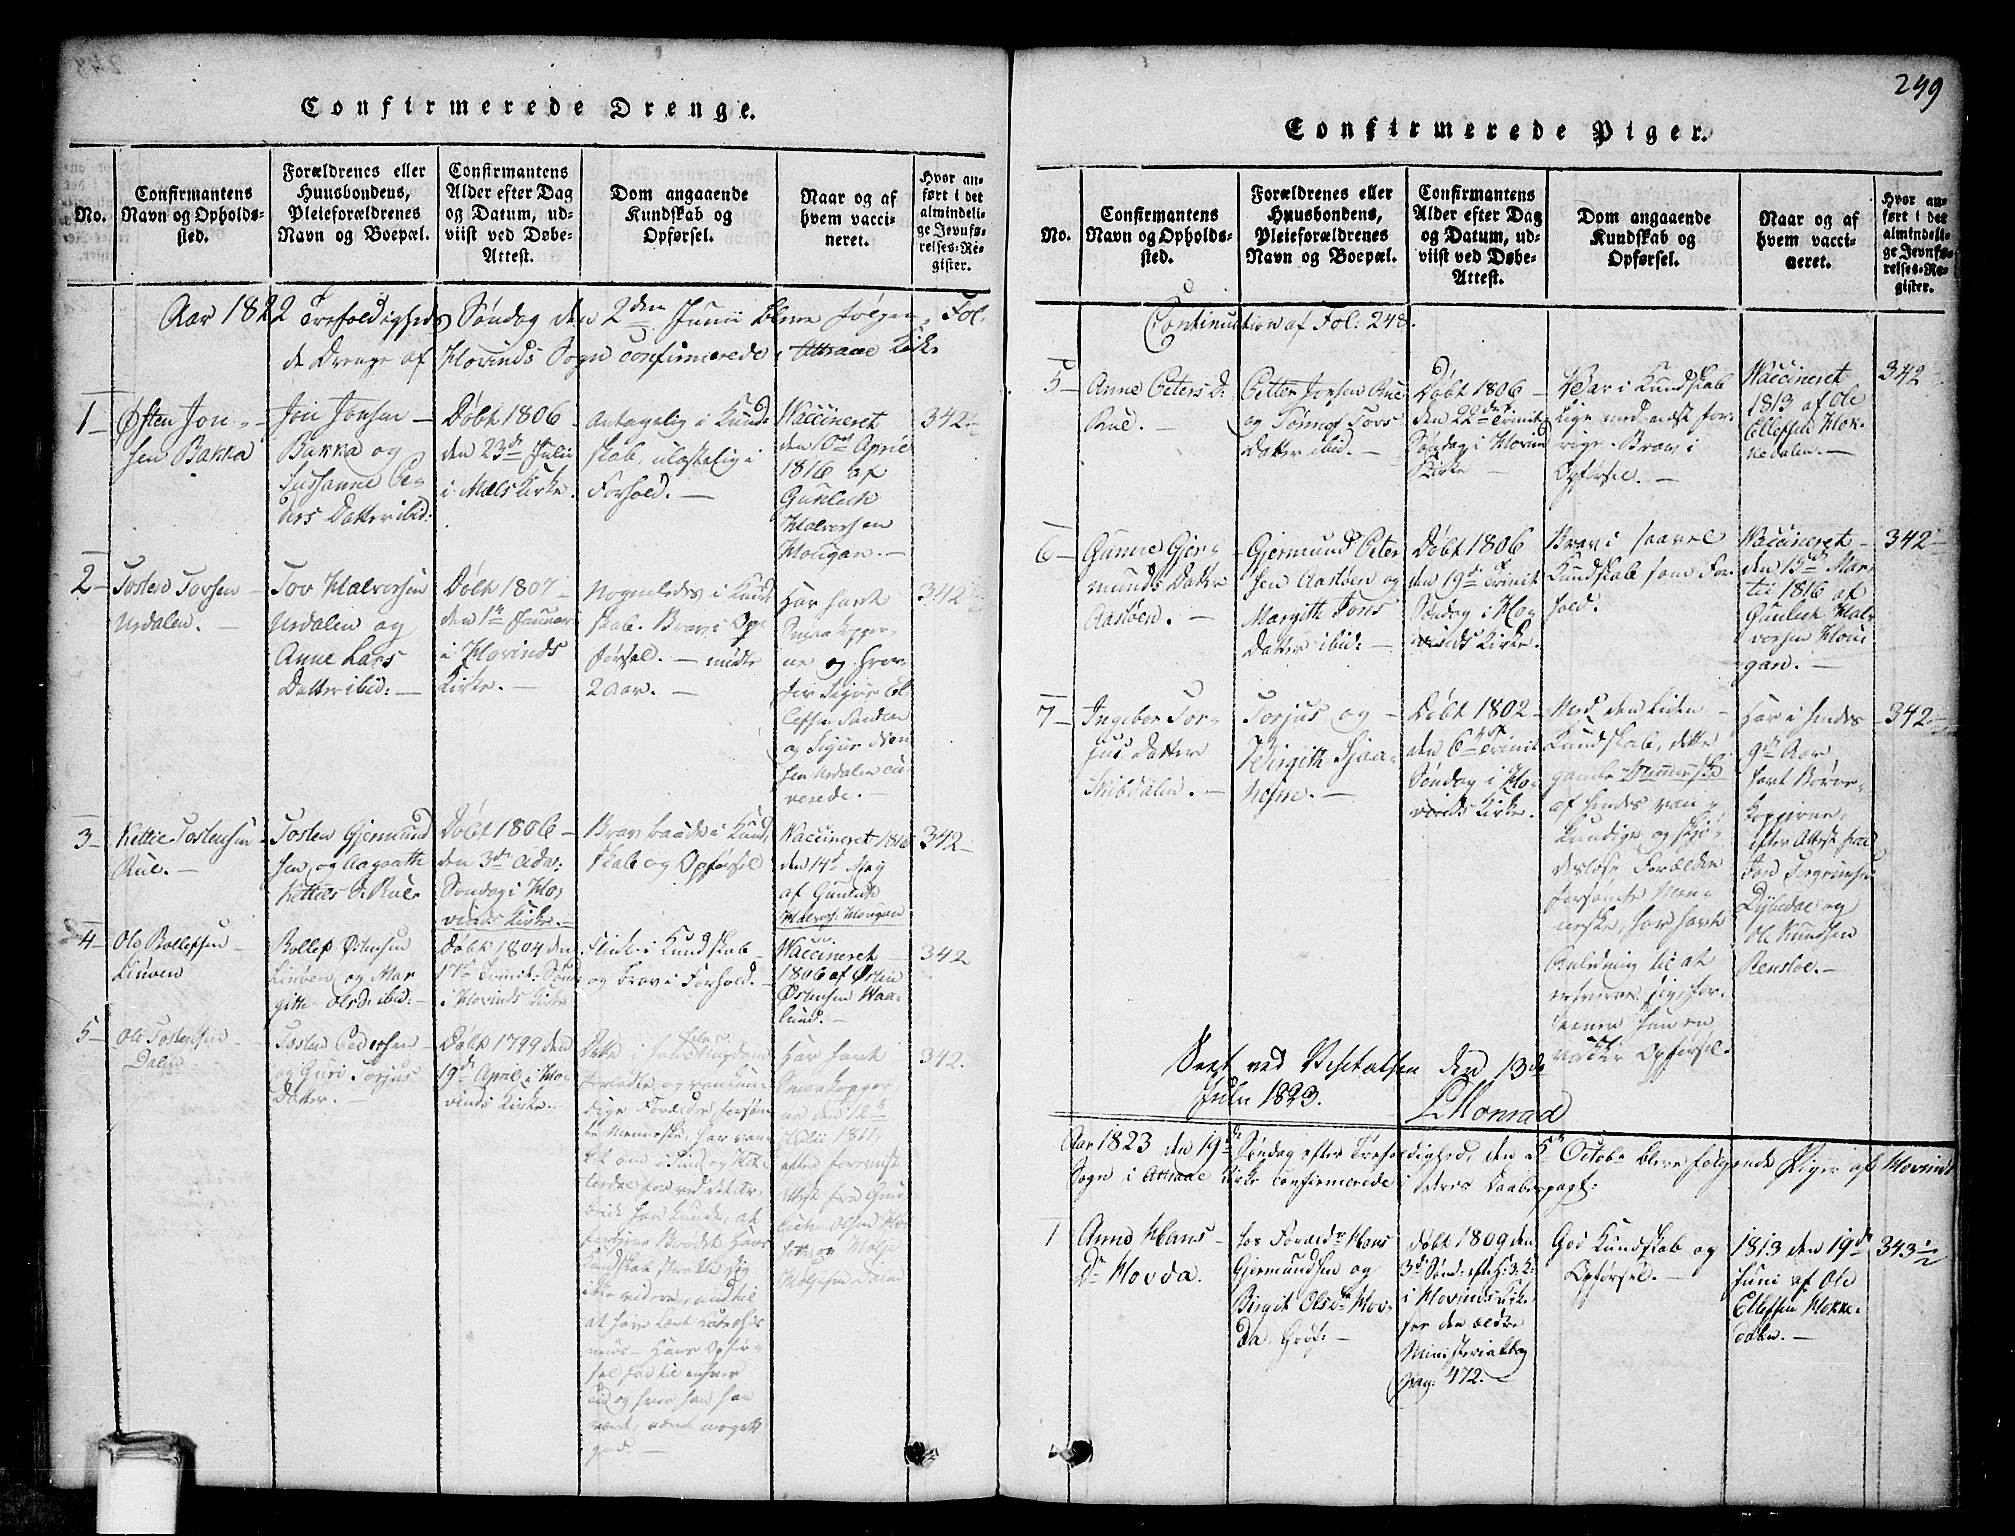 SAKO, Gransherad kirkebøker, G/Gb/L0001: Klokkerbok nr. II 1, 1815-1860, s. 249